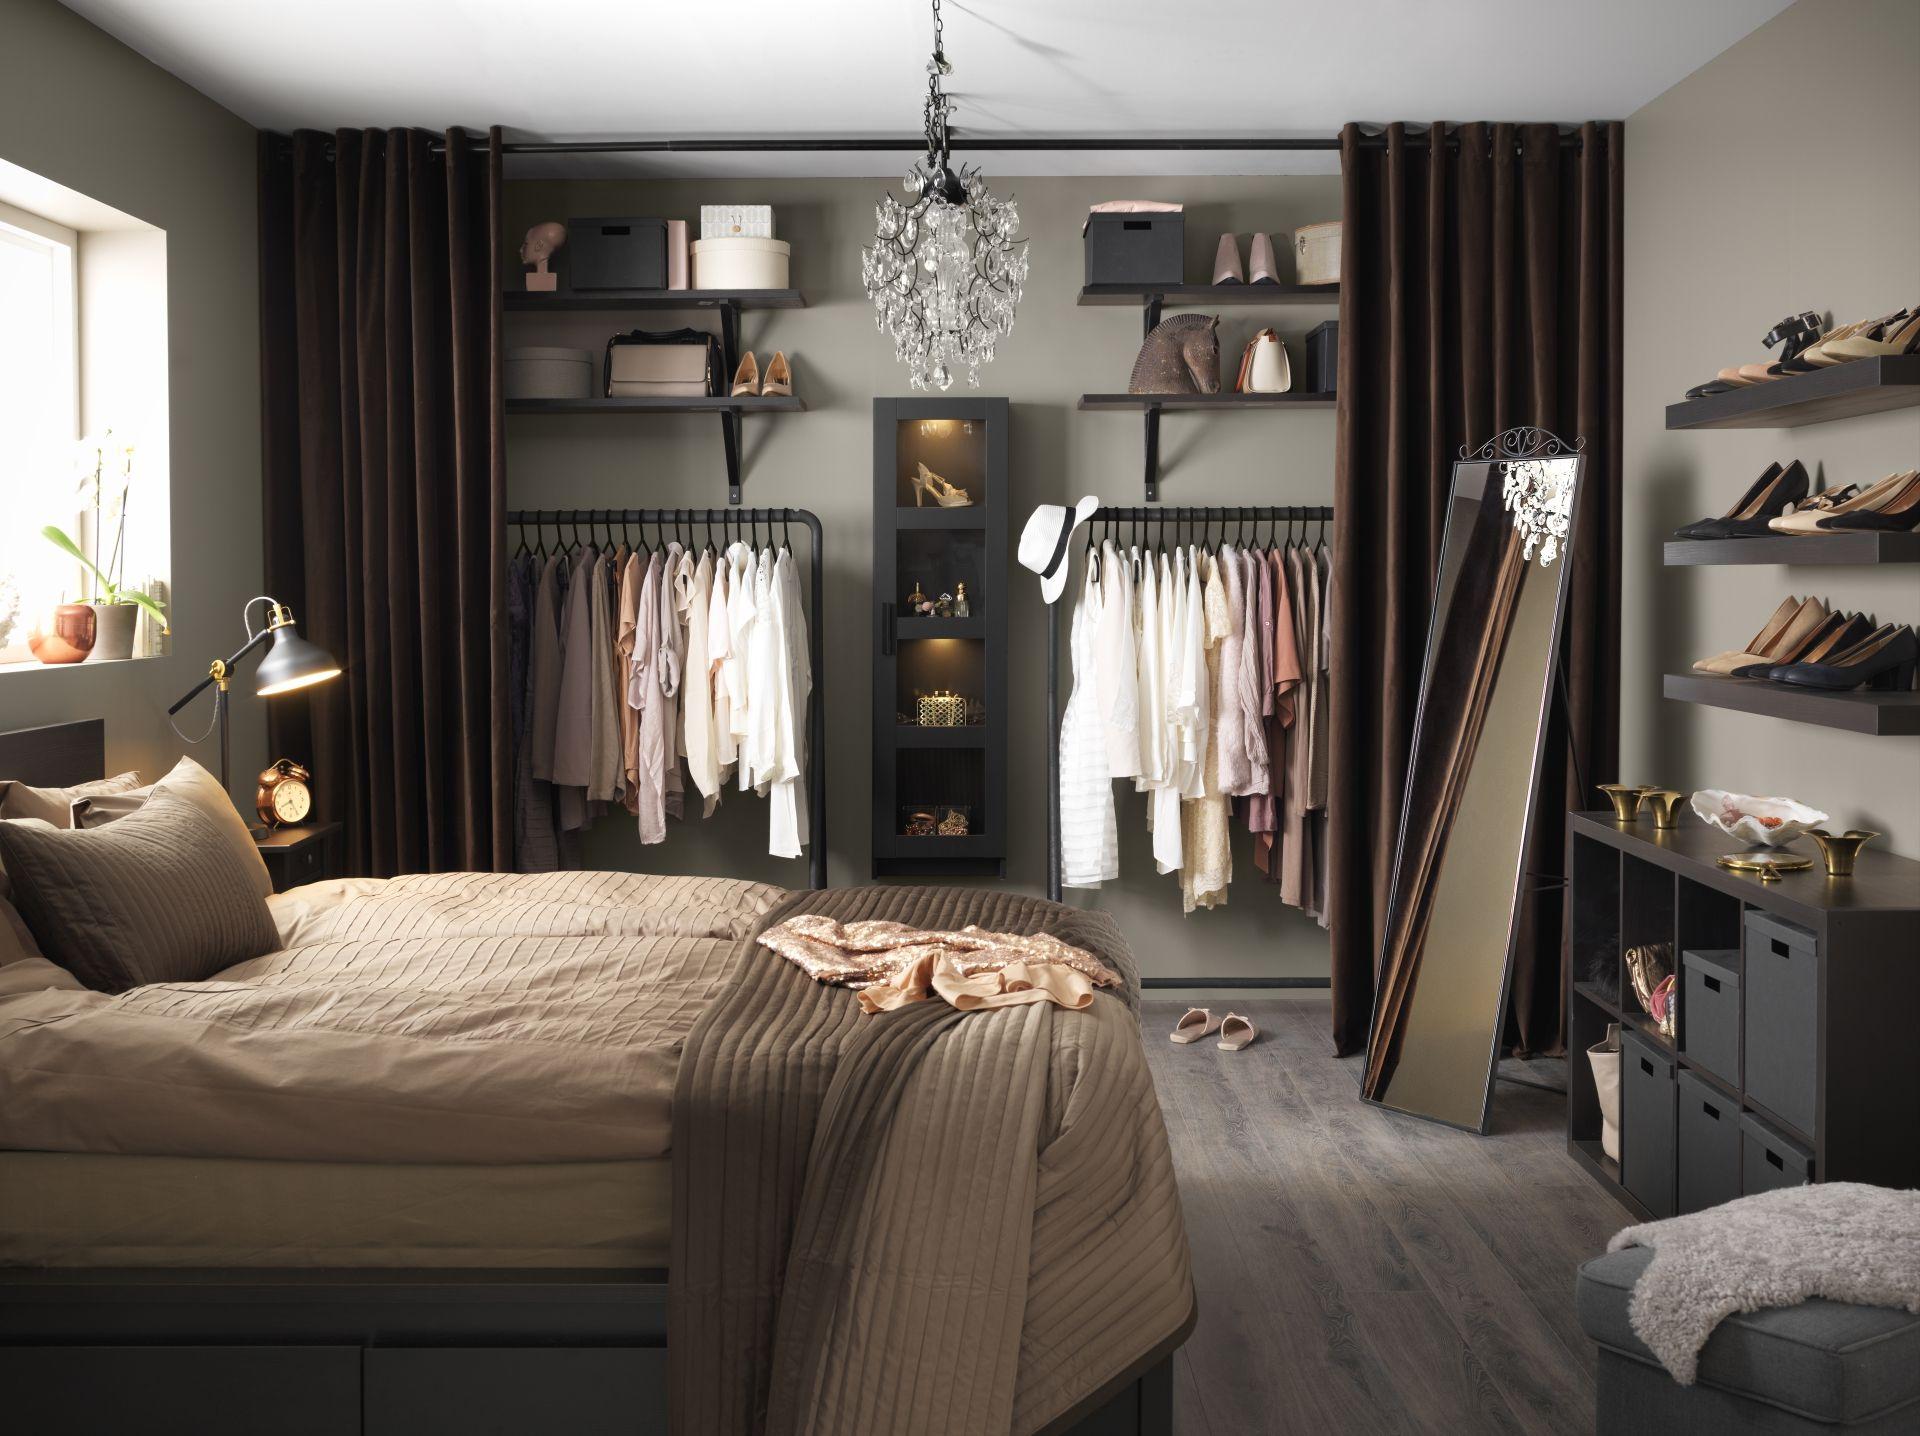 KALLAX open kast | IKEA IKEAnederland inspiratie wooninspiratie ...